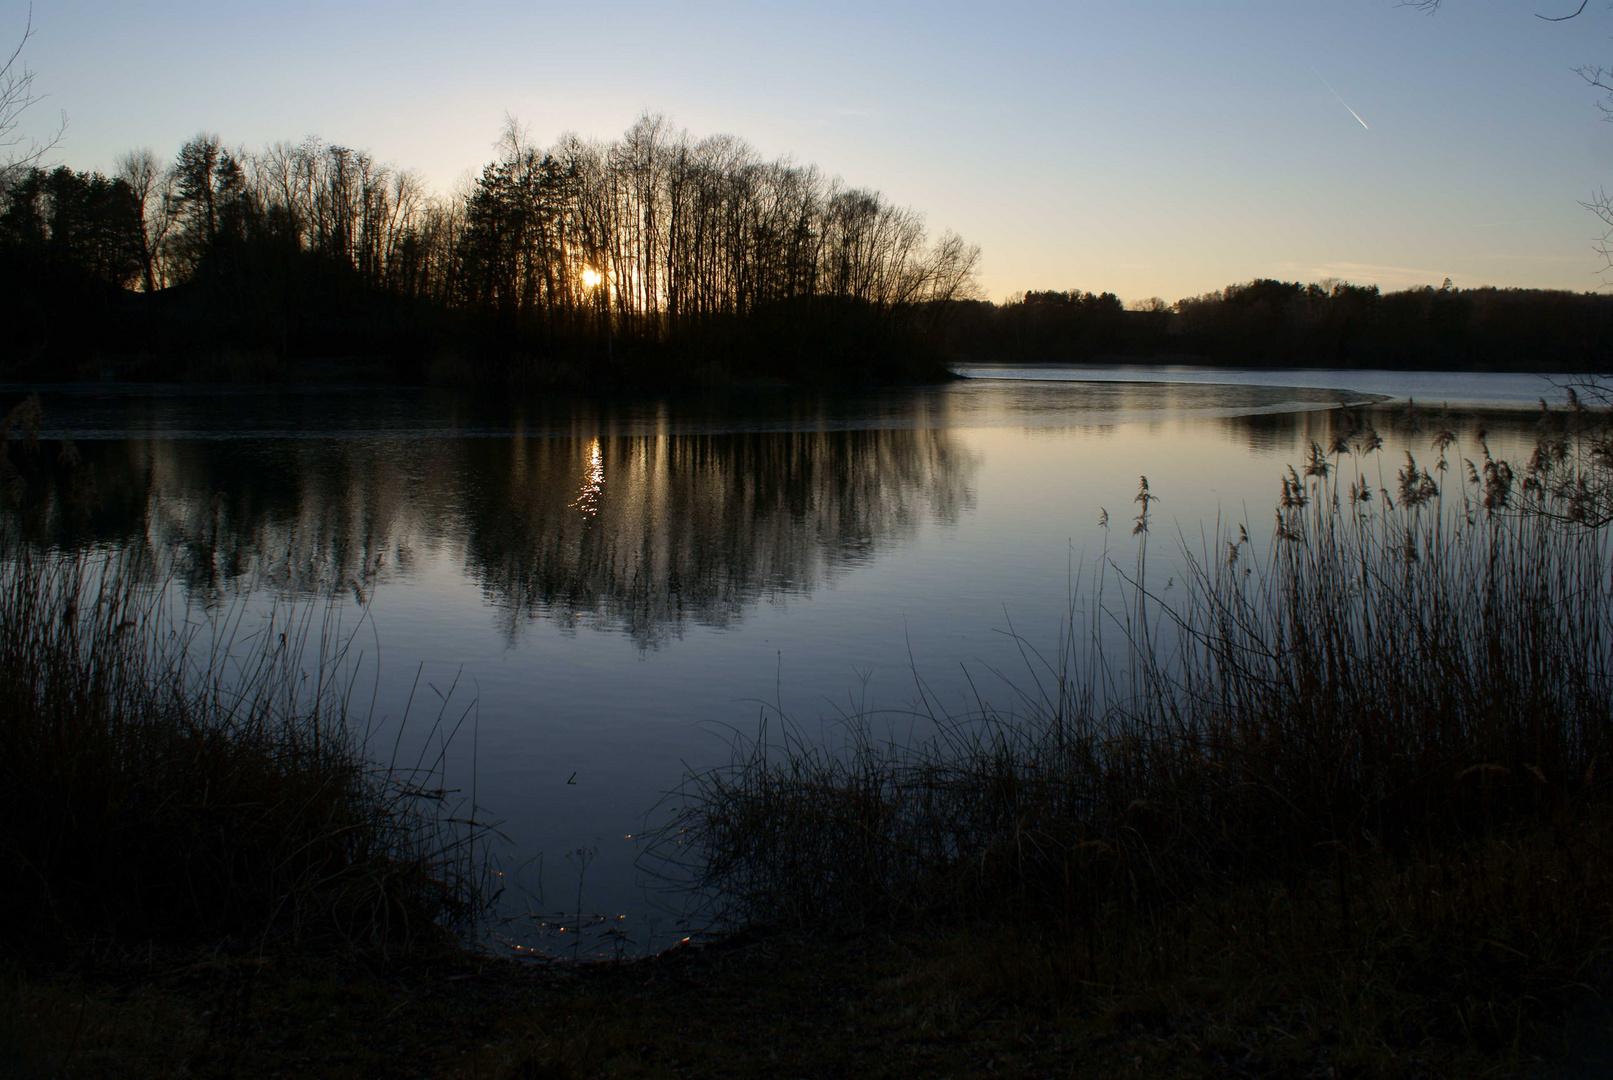 ... ruht der See